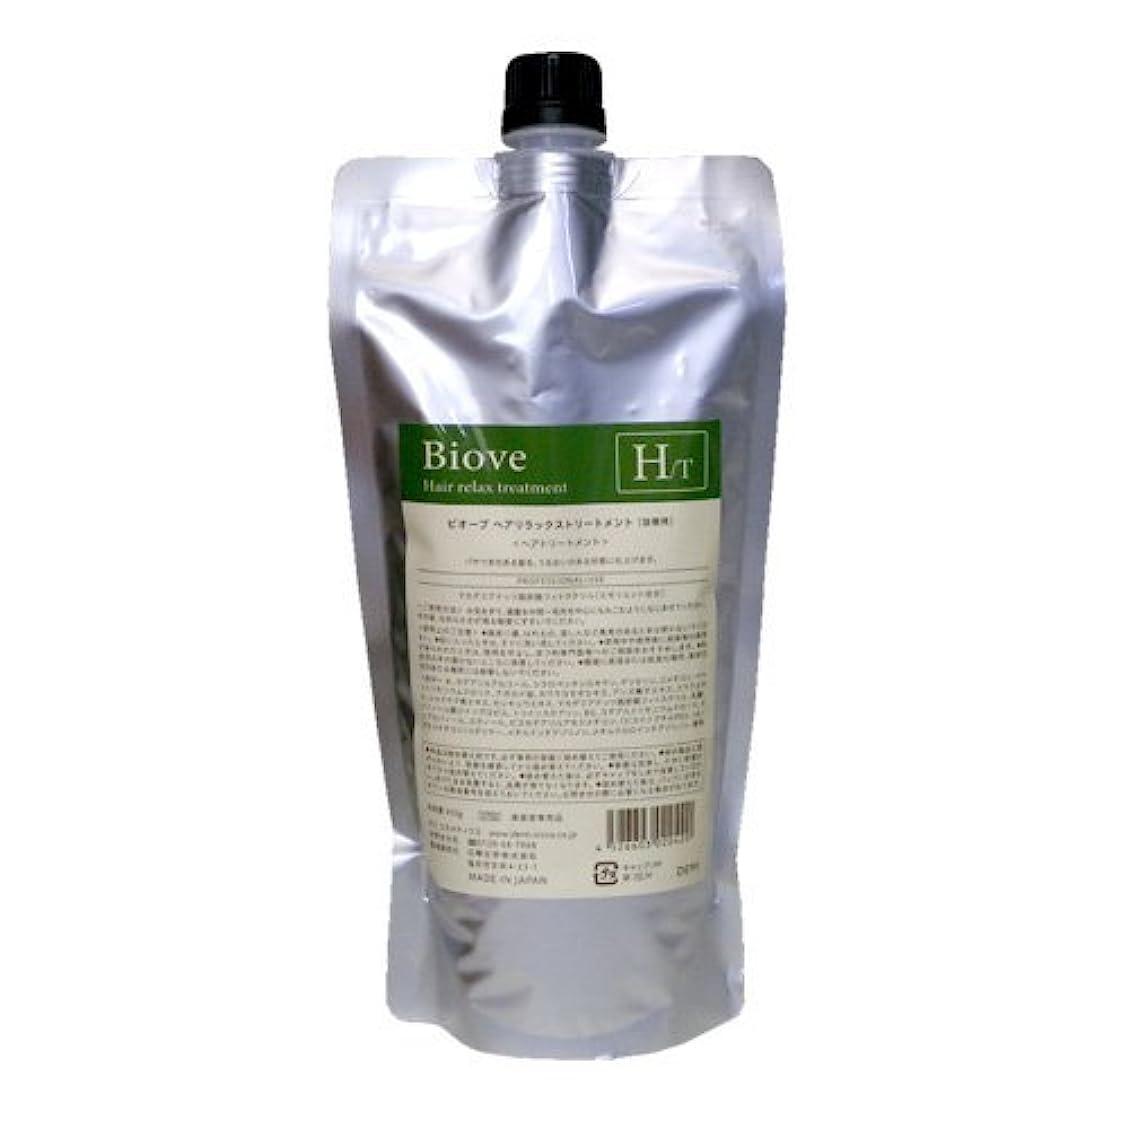 とんでもない化合物正しくデミ ビオーブ ヘアリラックストリートメント 450g